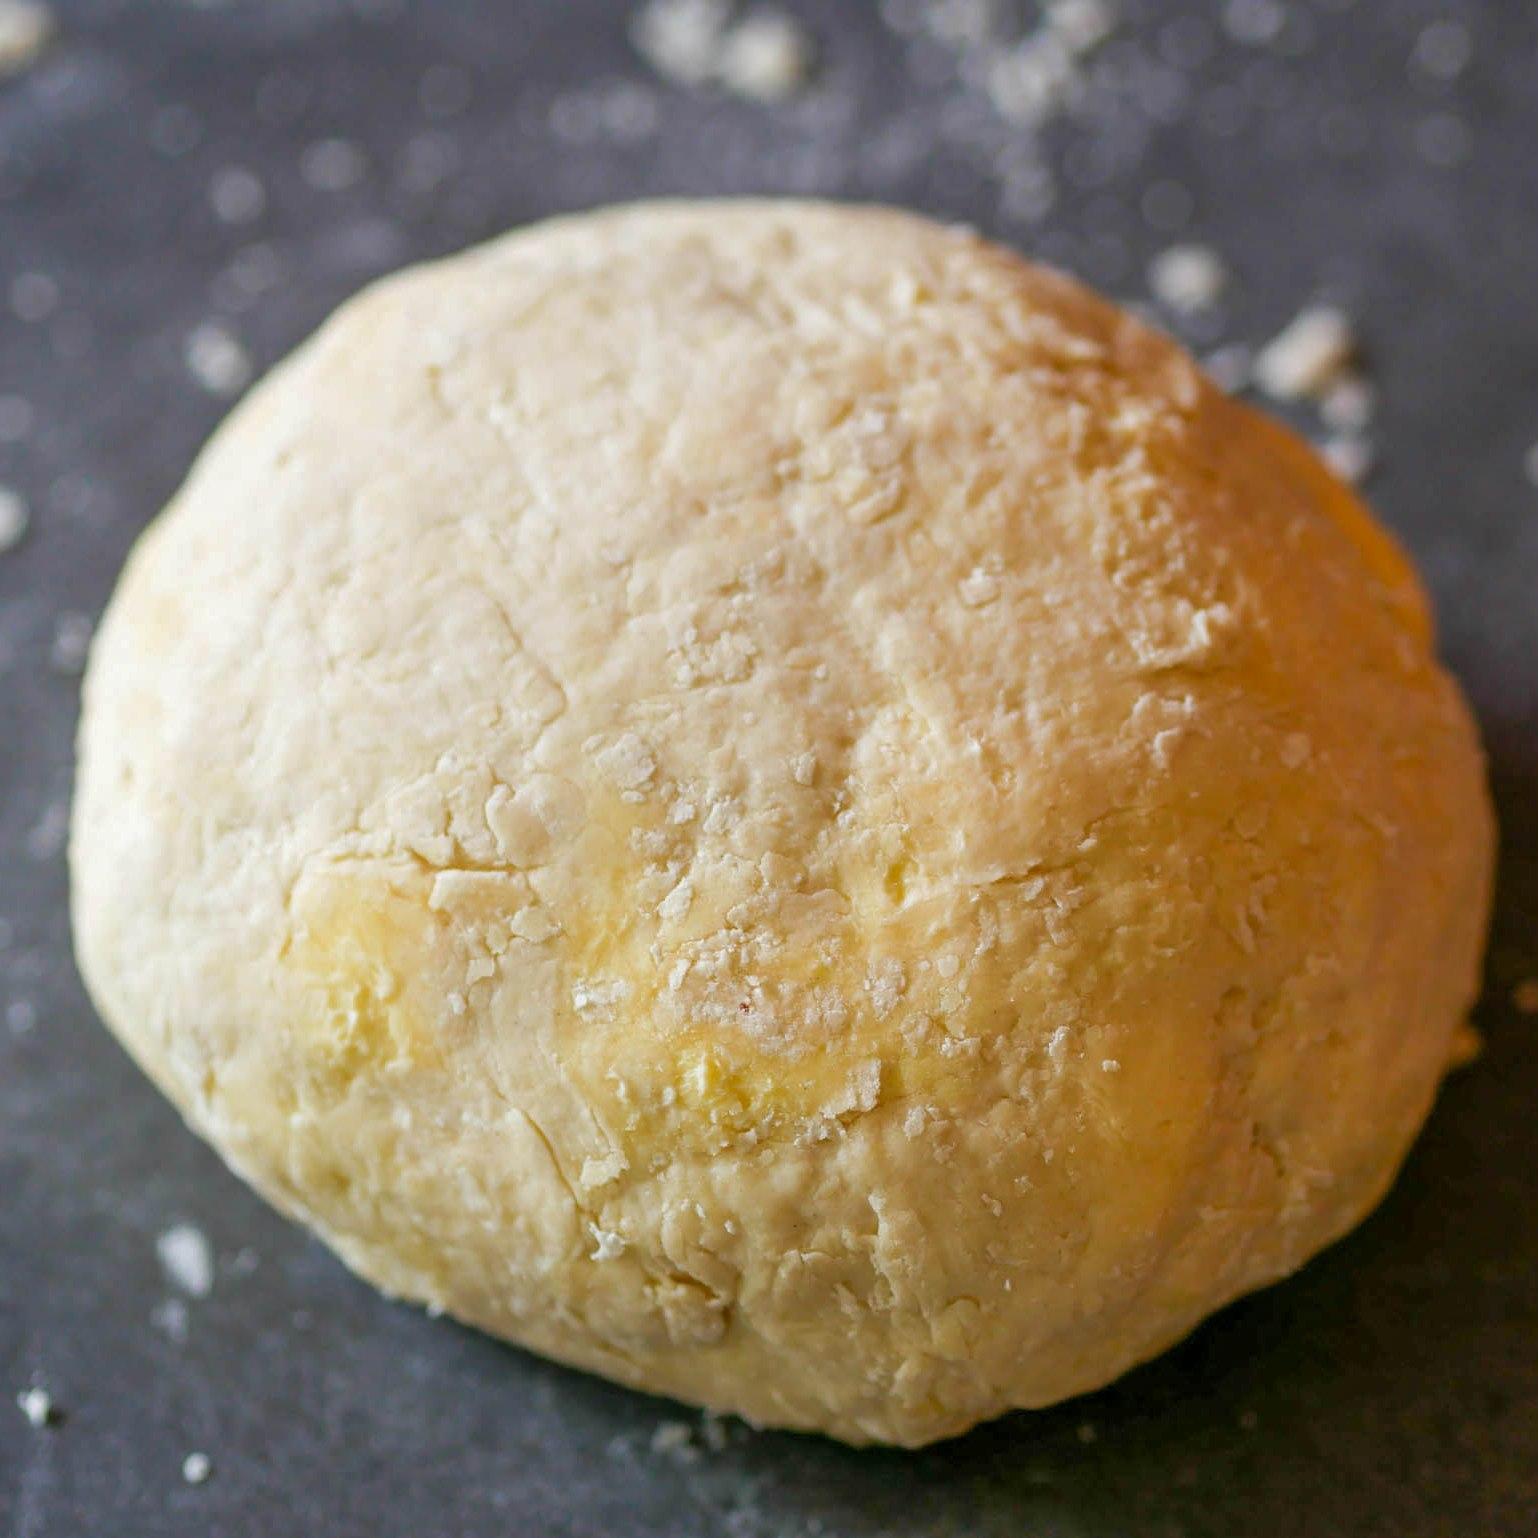 On forme une boule, c'est normal s'il reste des morceaux de beurre